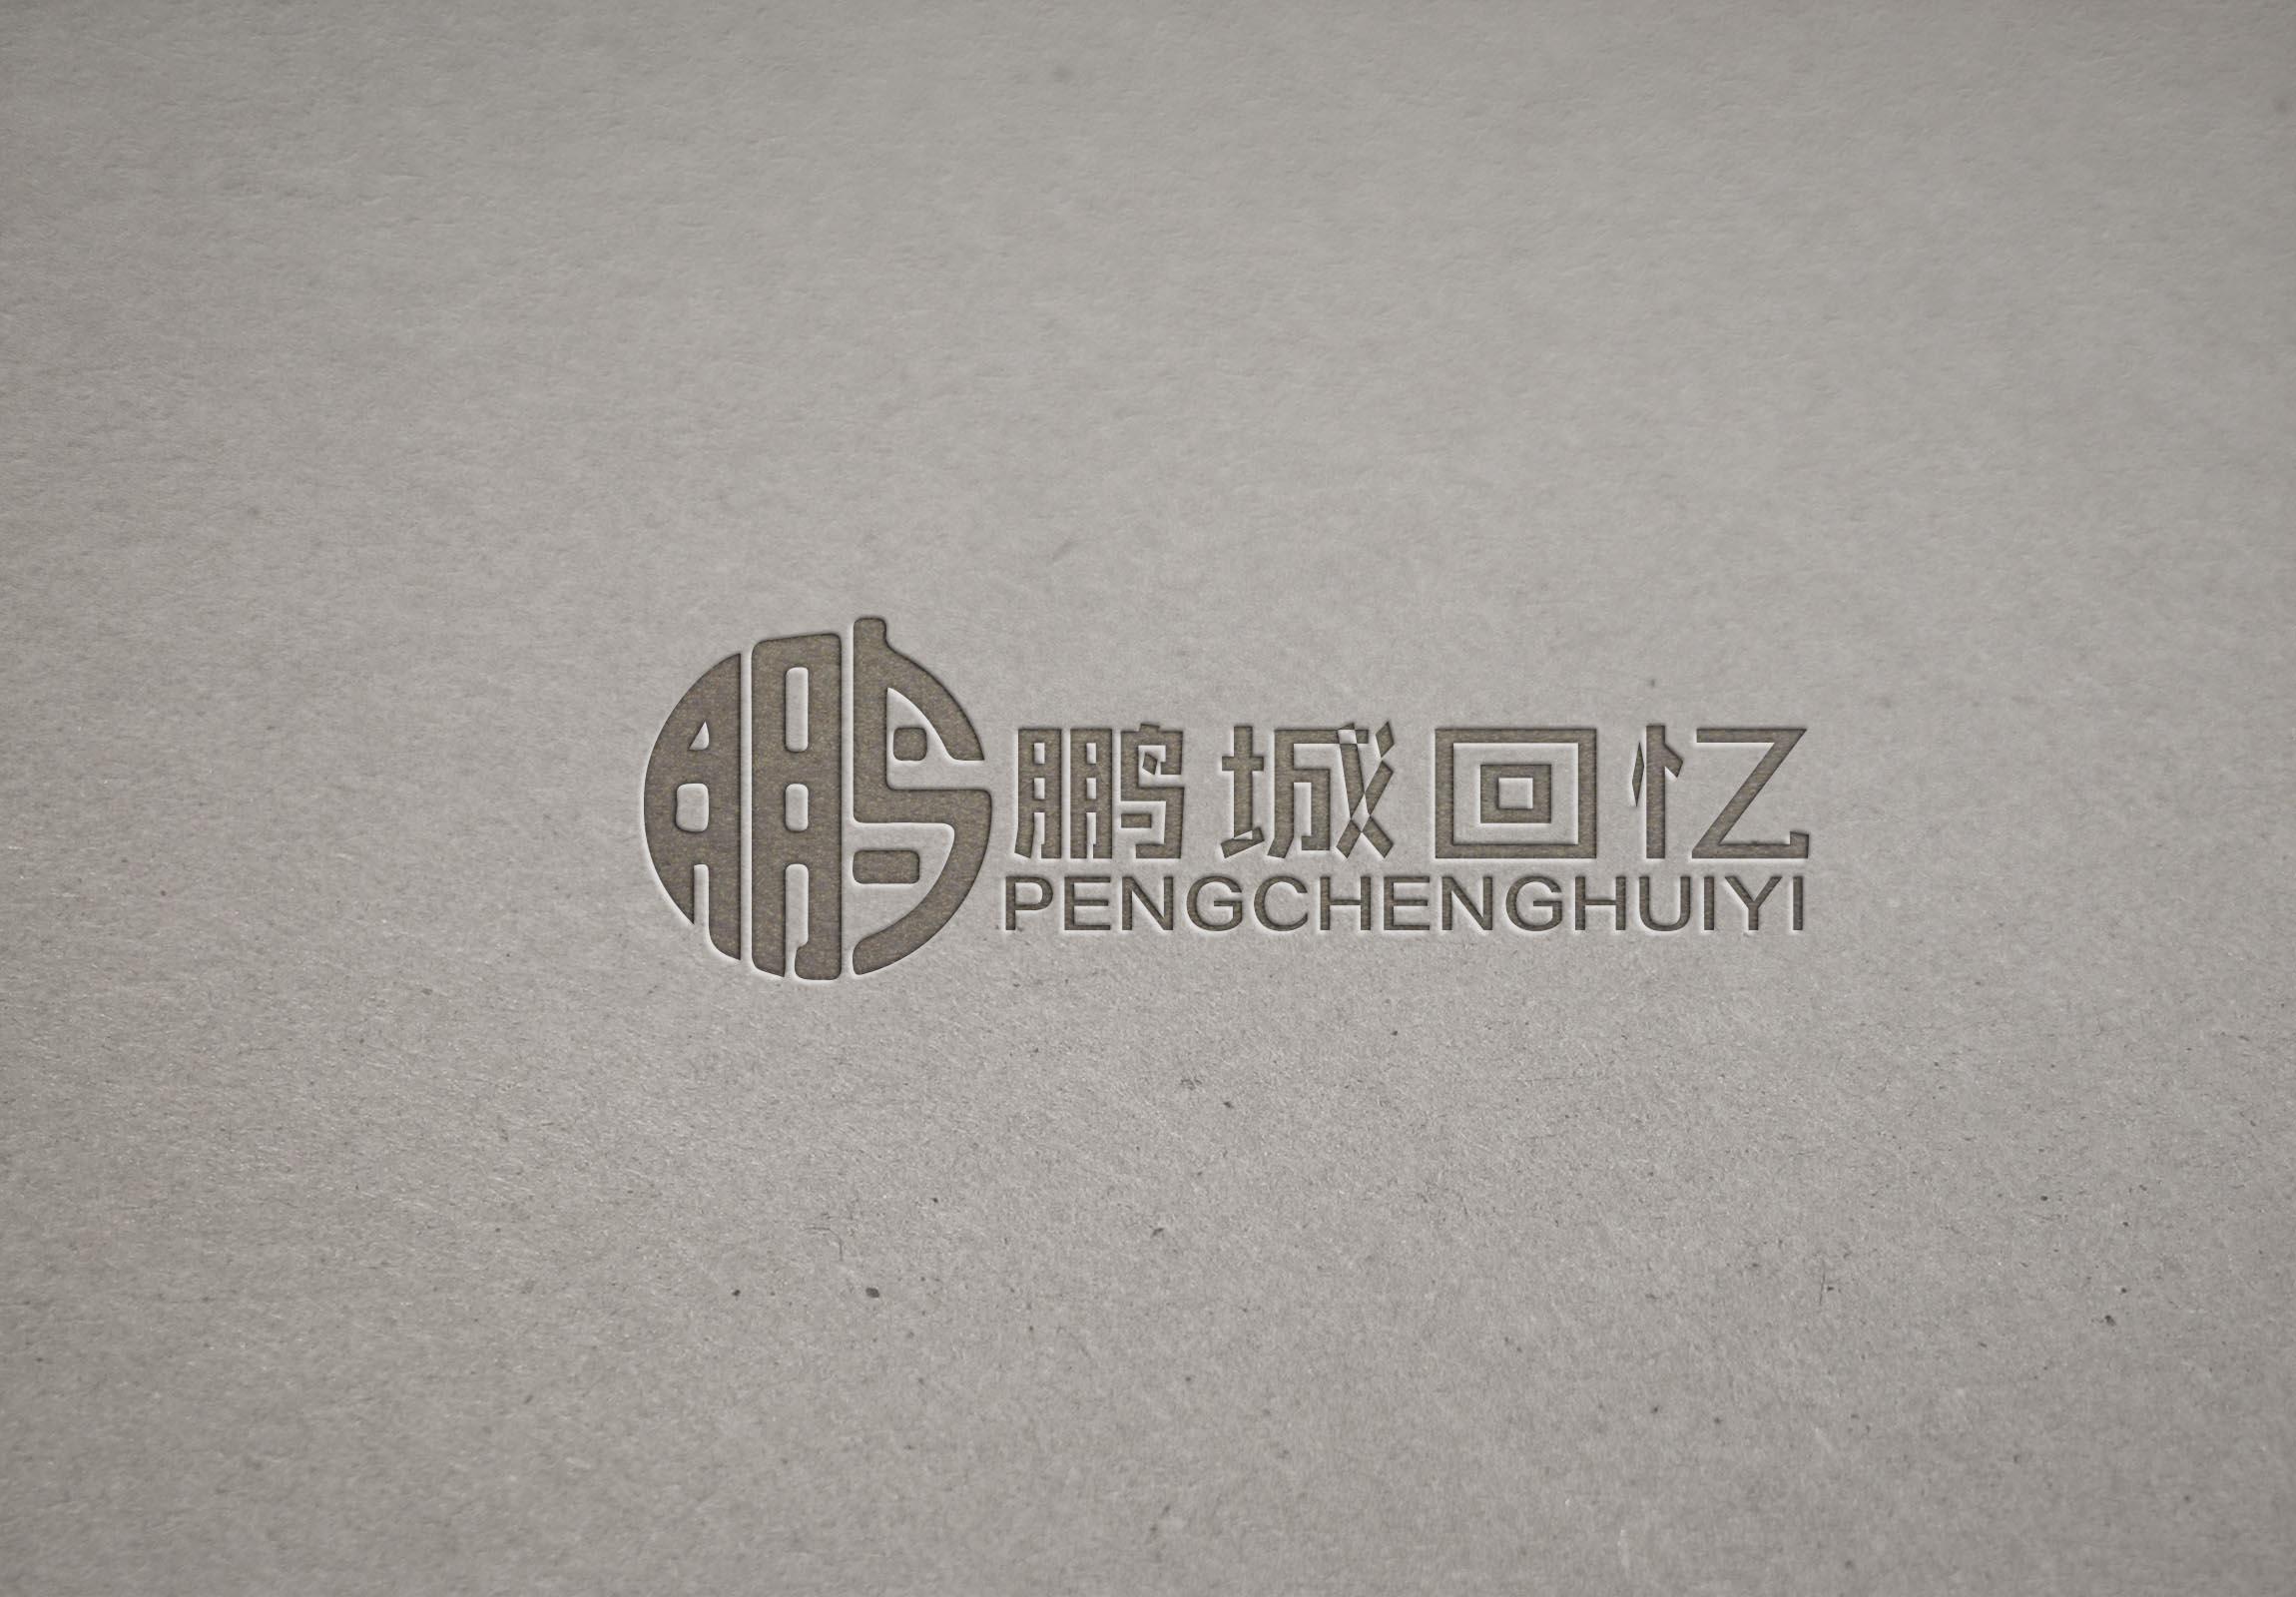 鹏城回忆-2020_3036130_k68威客网